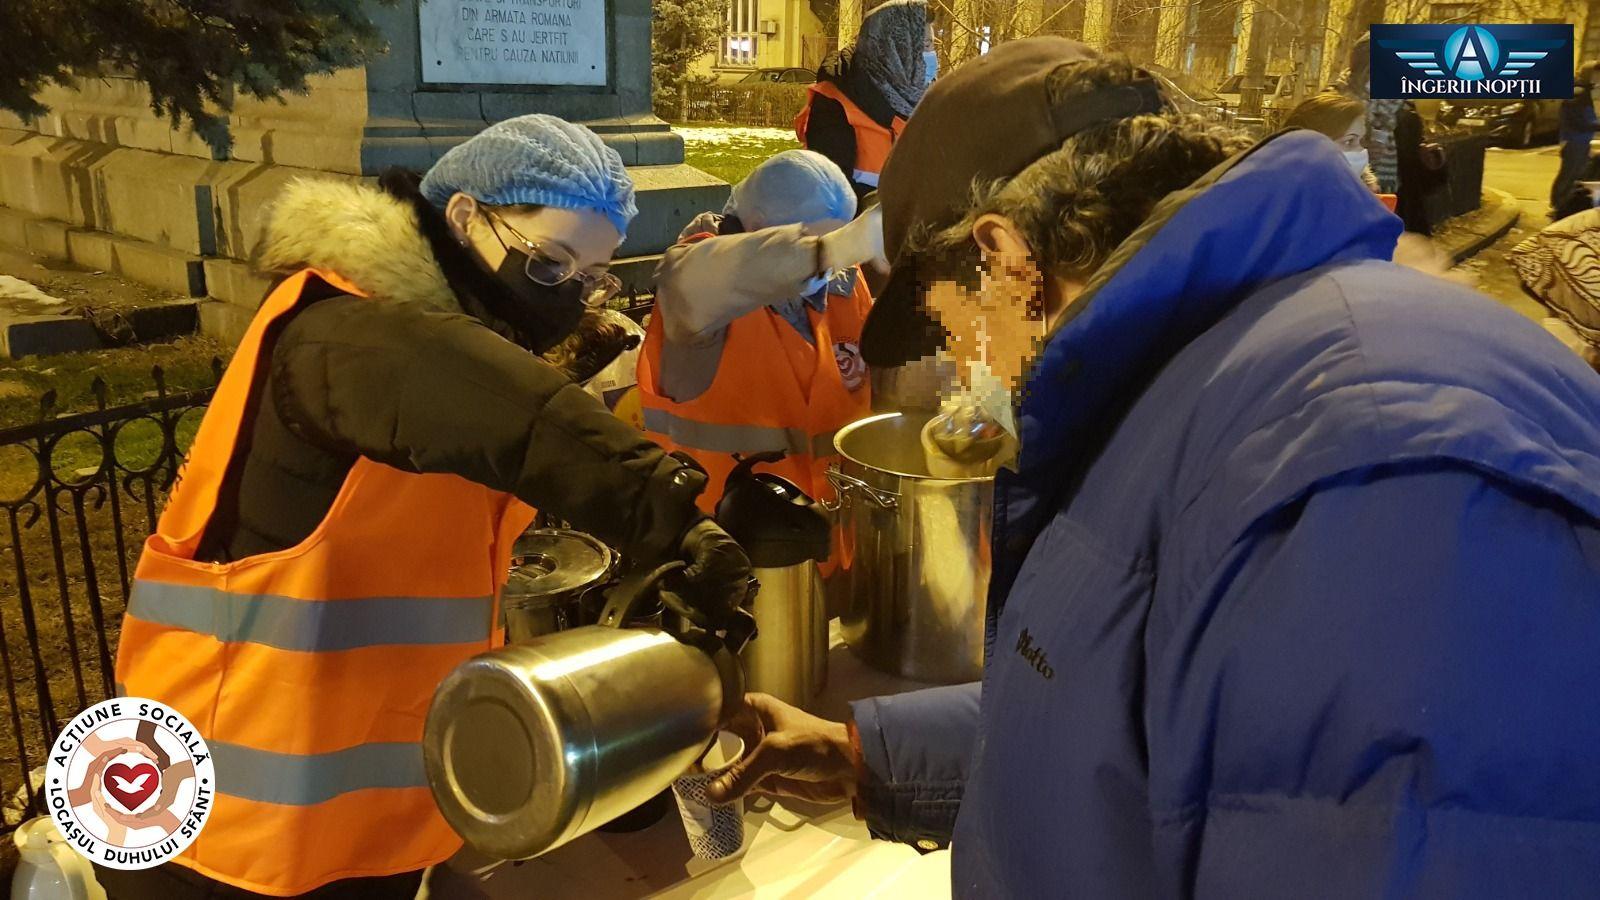 Voluntários do grupo Anjos da Madrugada saem às ruas para ajudar os mais necessitados